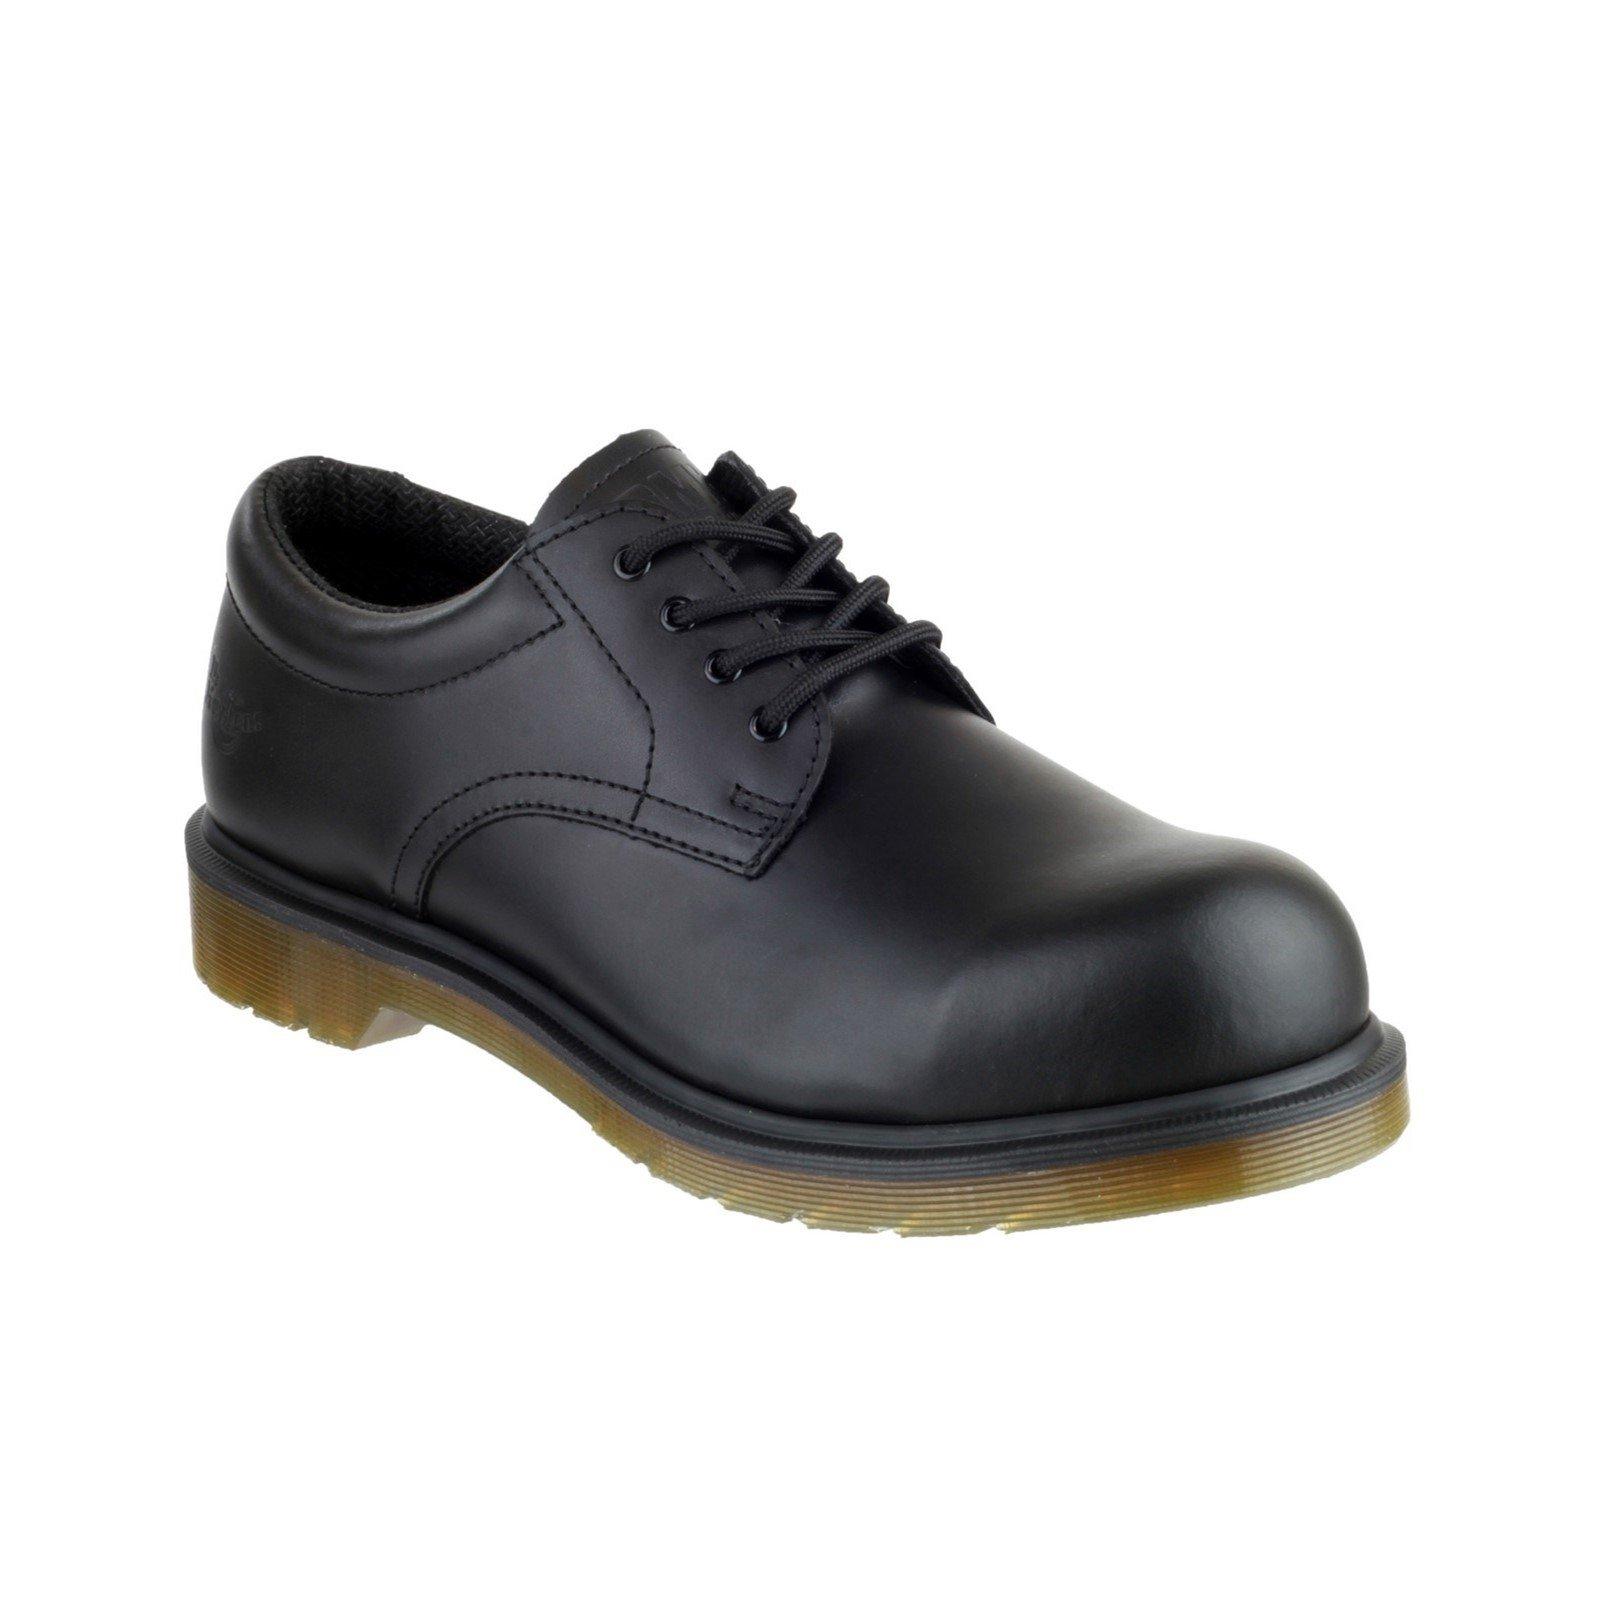 Dr Martens Unisex Icon Lace up Derby Shoe Black 00588 - Black 15